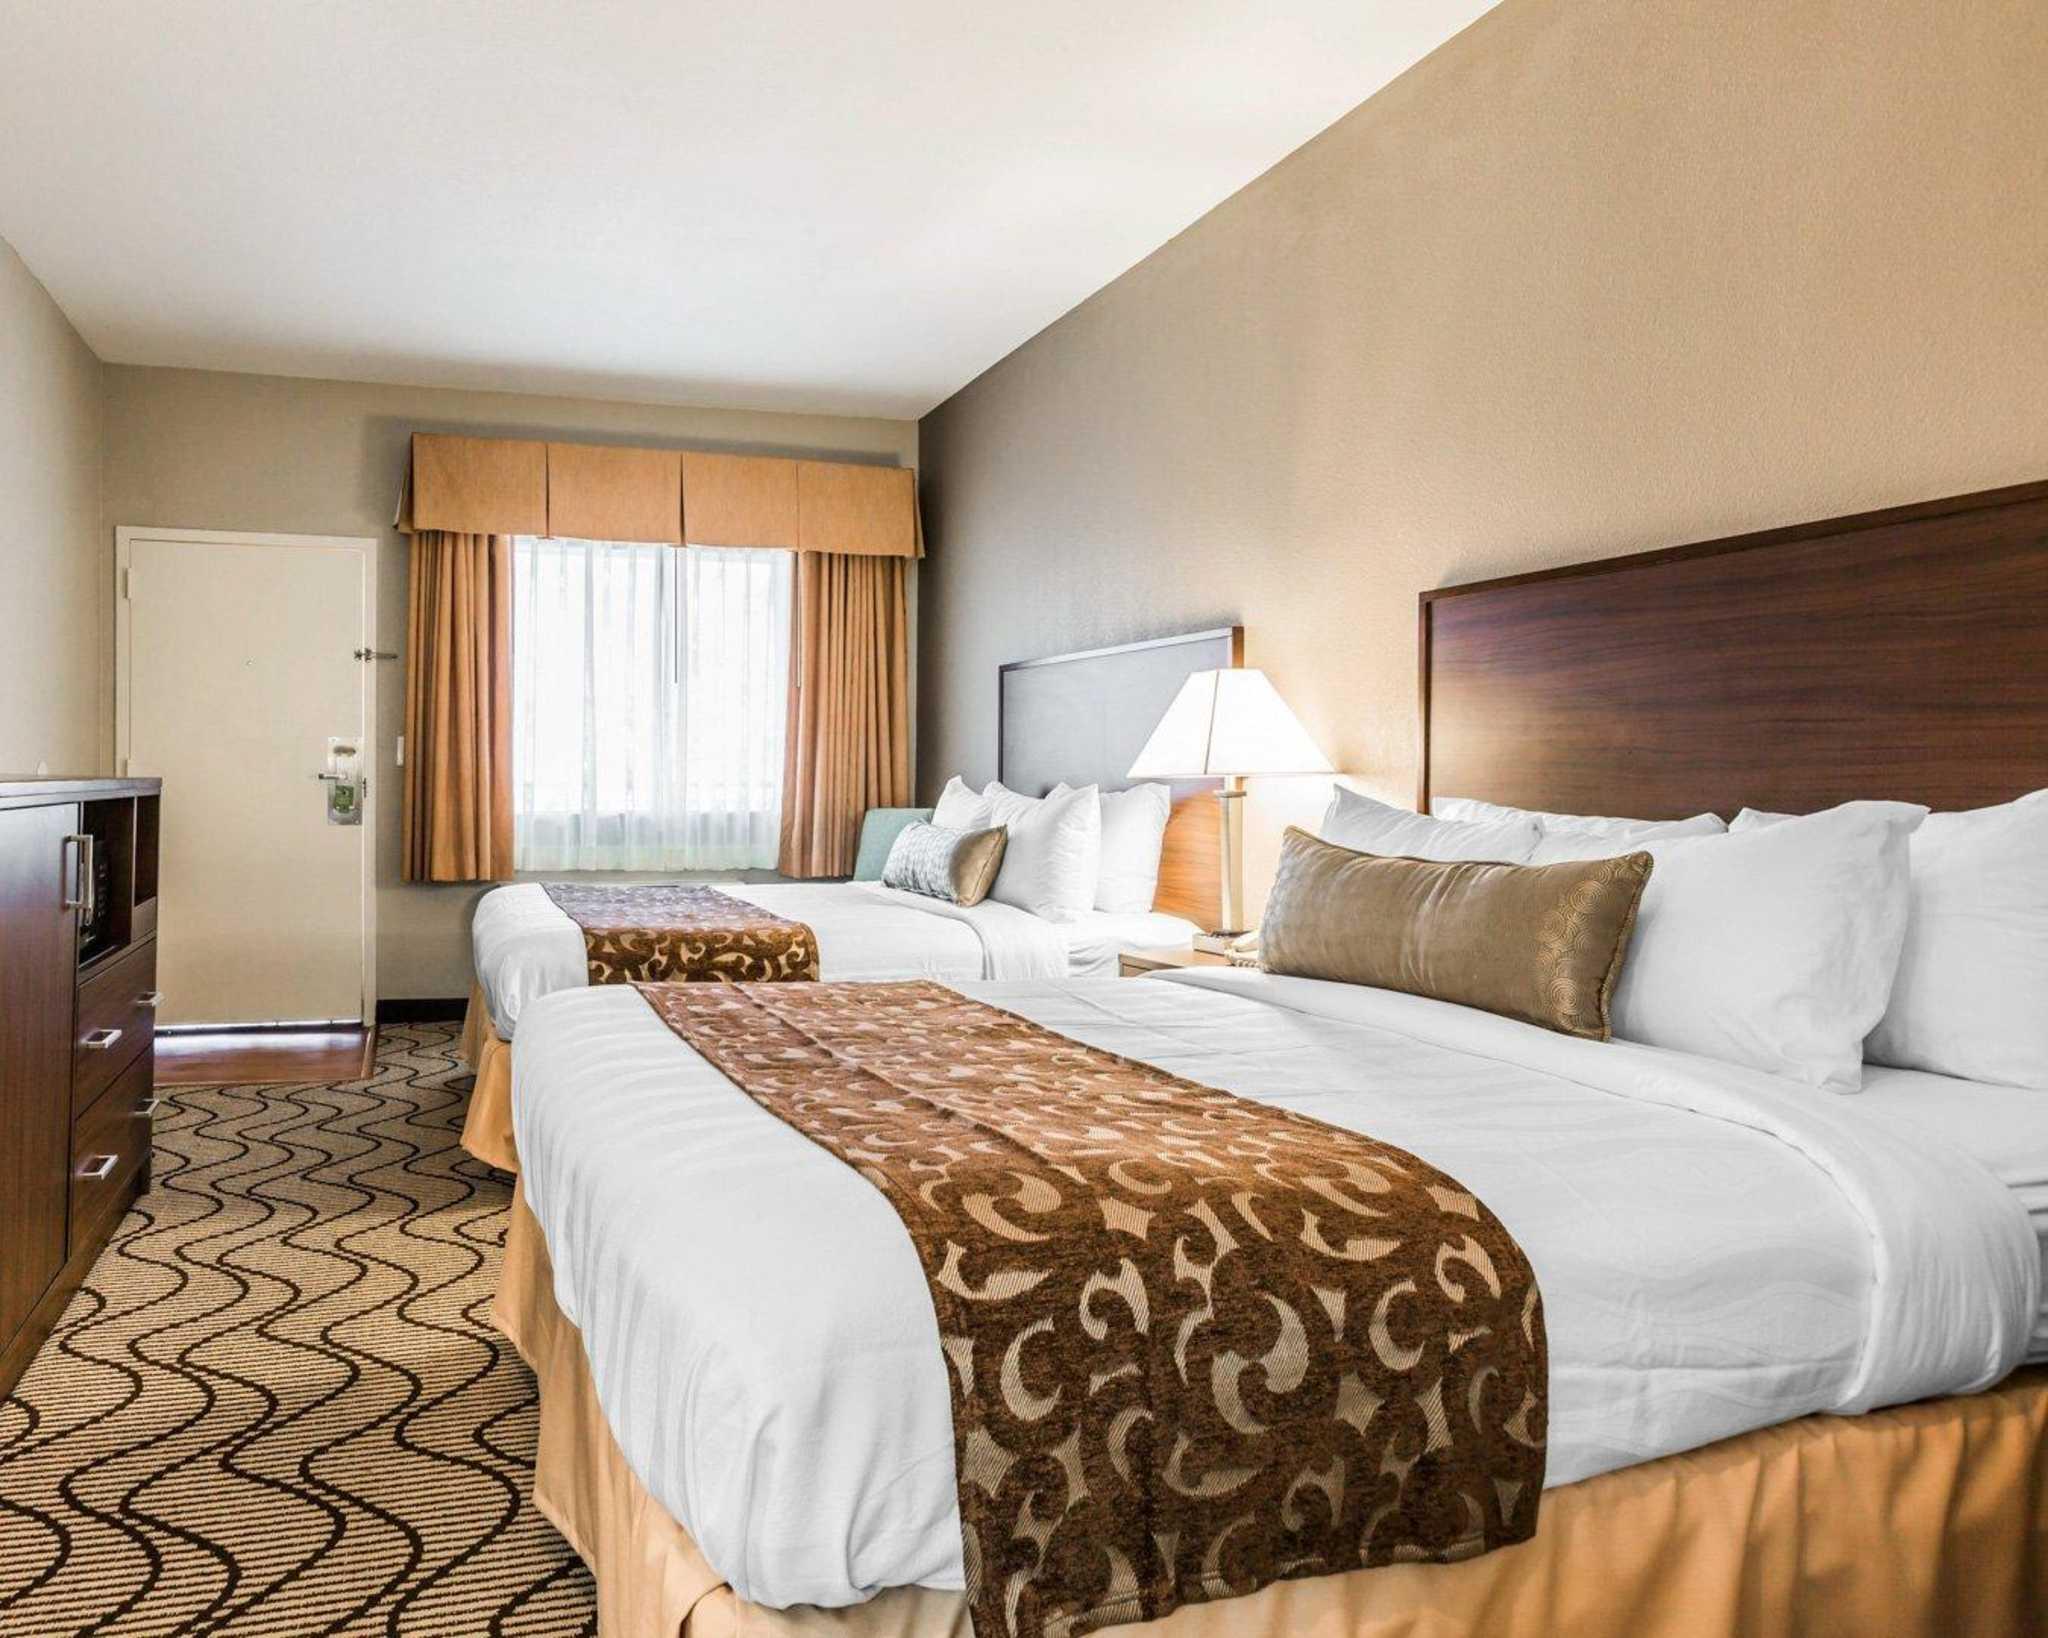 Comfort Inn & Suites Orange County John Wayne Airport image 3